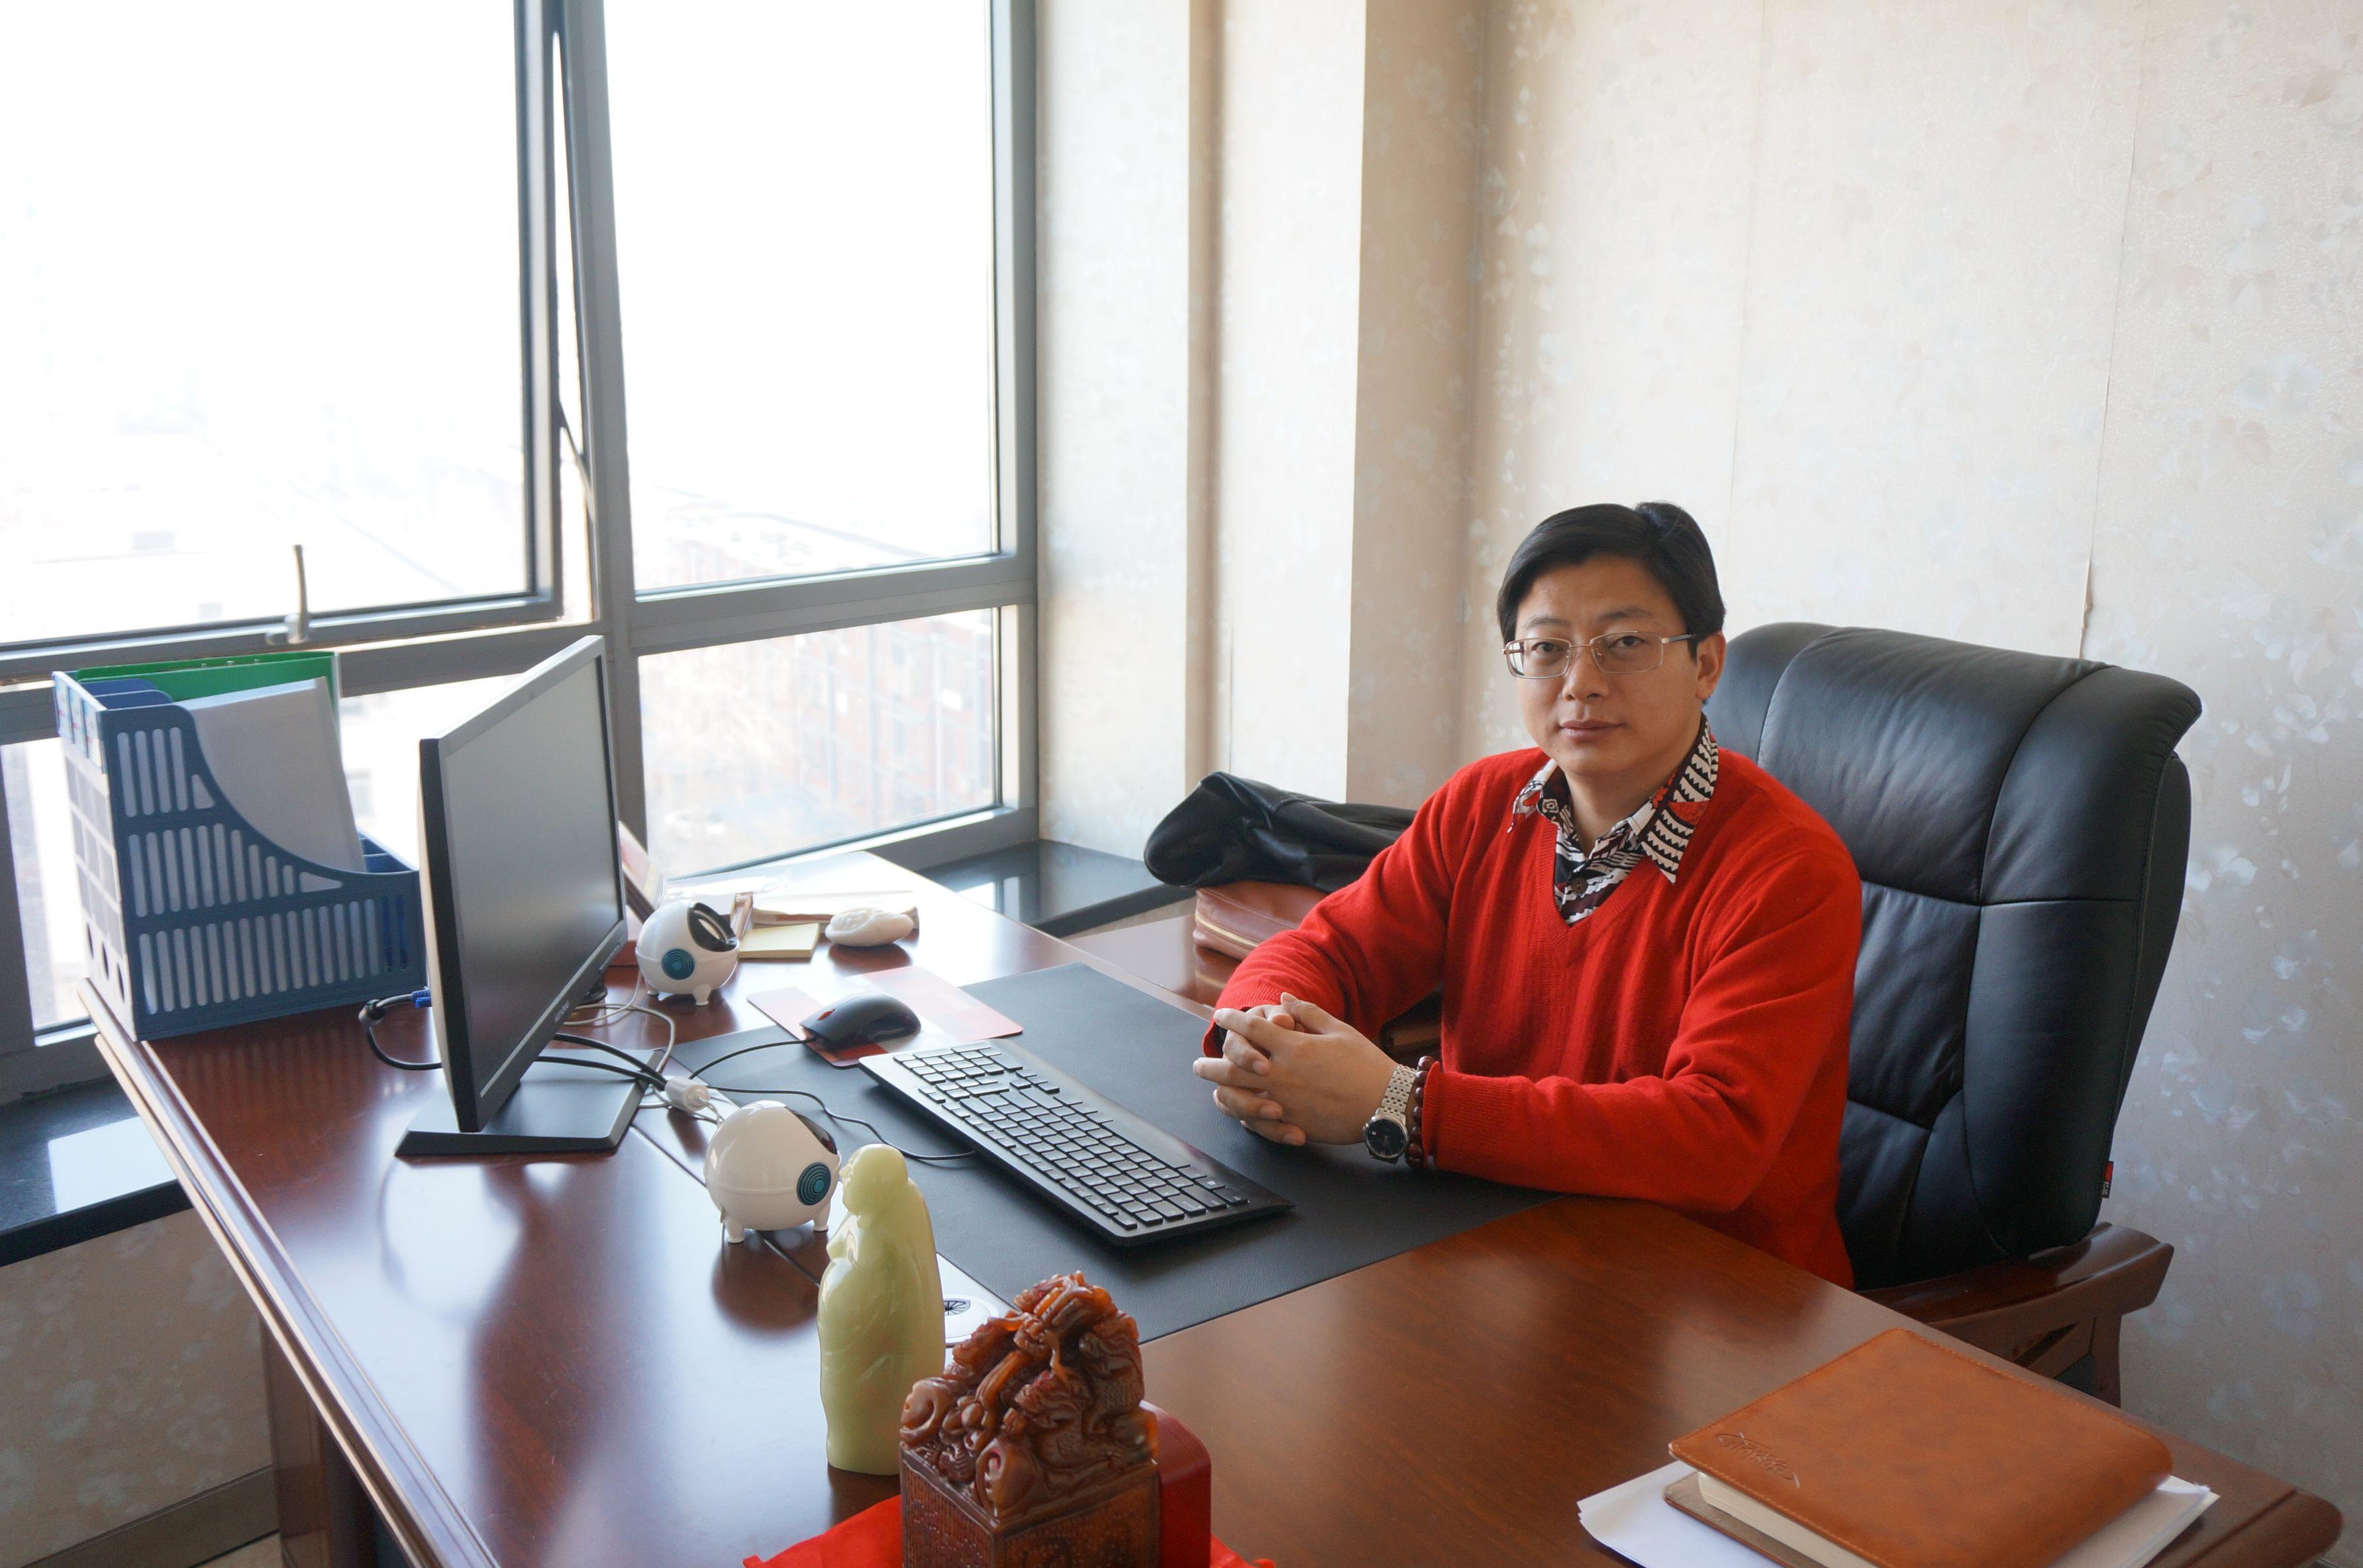 对话蓝时董事长詹天佑  用互联网+驱散雾霾 让蓝天白云重现